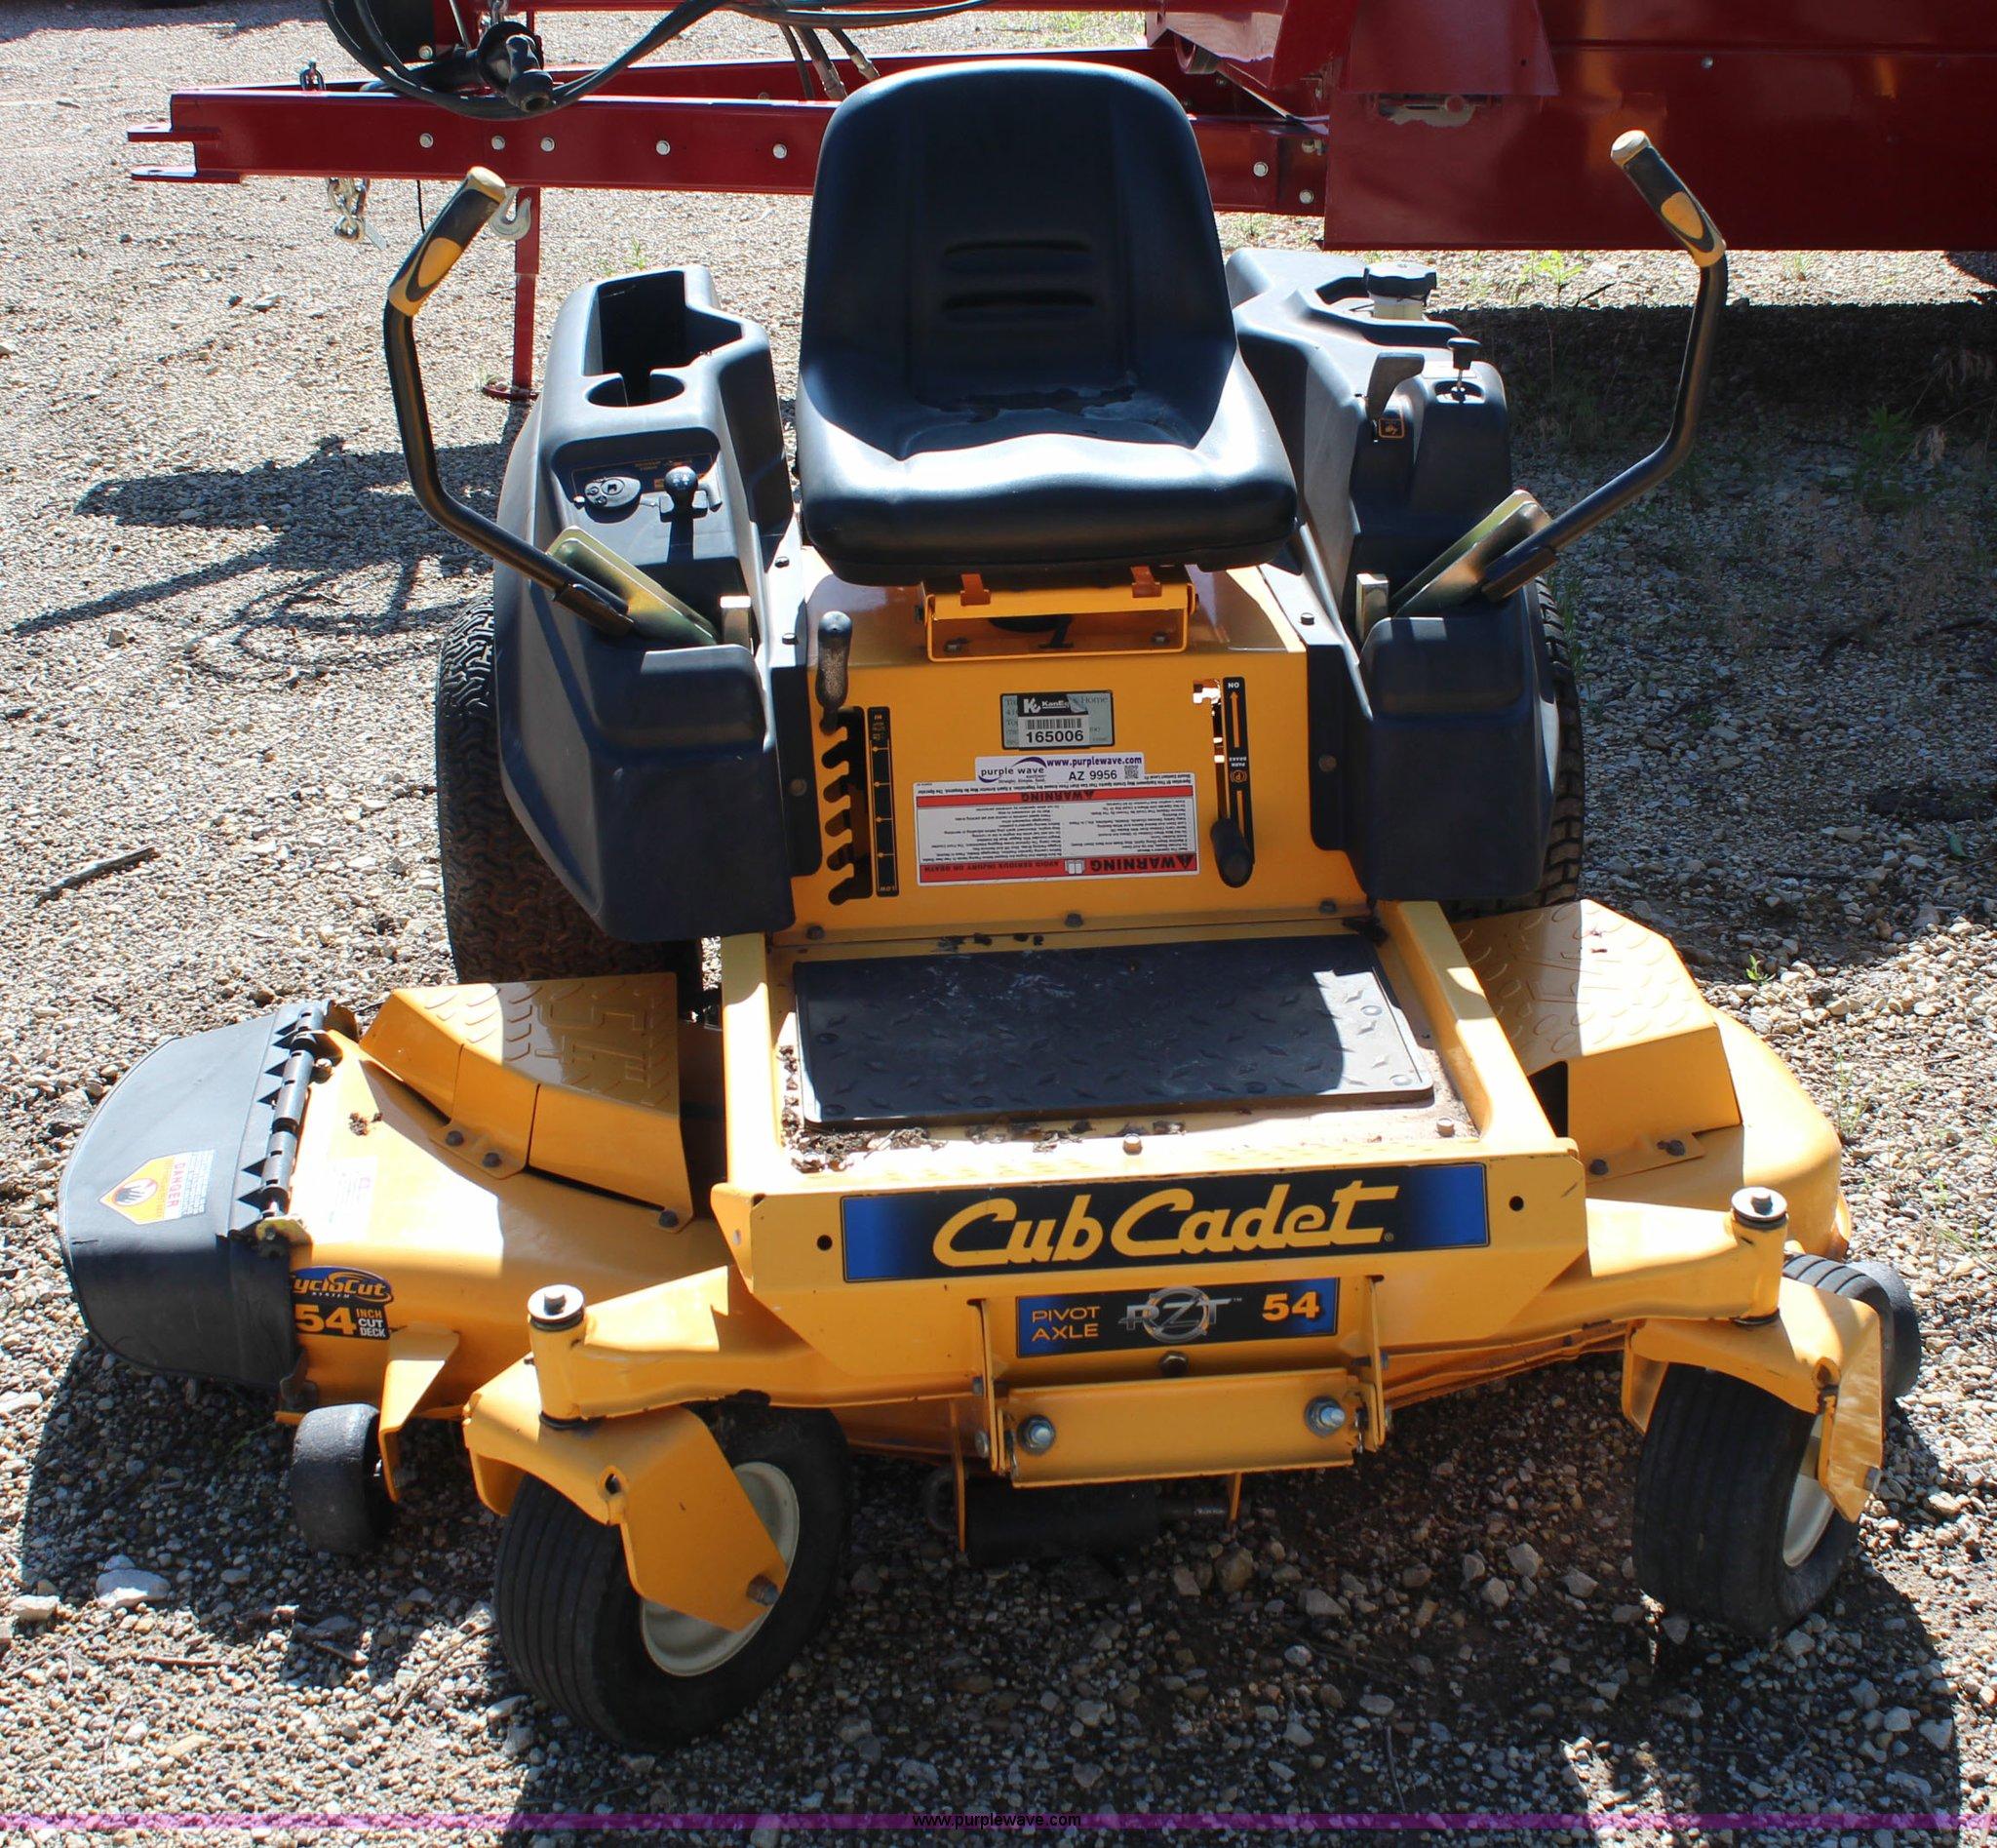 Cub Cadet Rzt 42 S Series Zero Turn Rider Rzt42 Schematics Lawn Mower Full Size In New Window